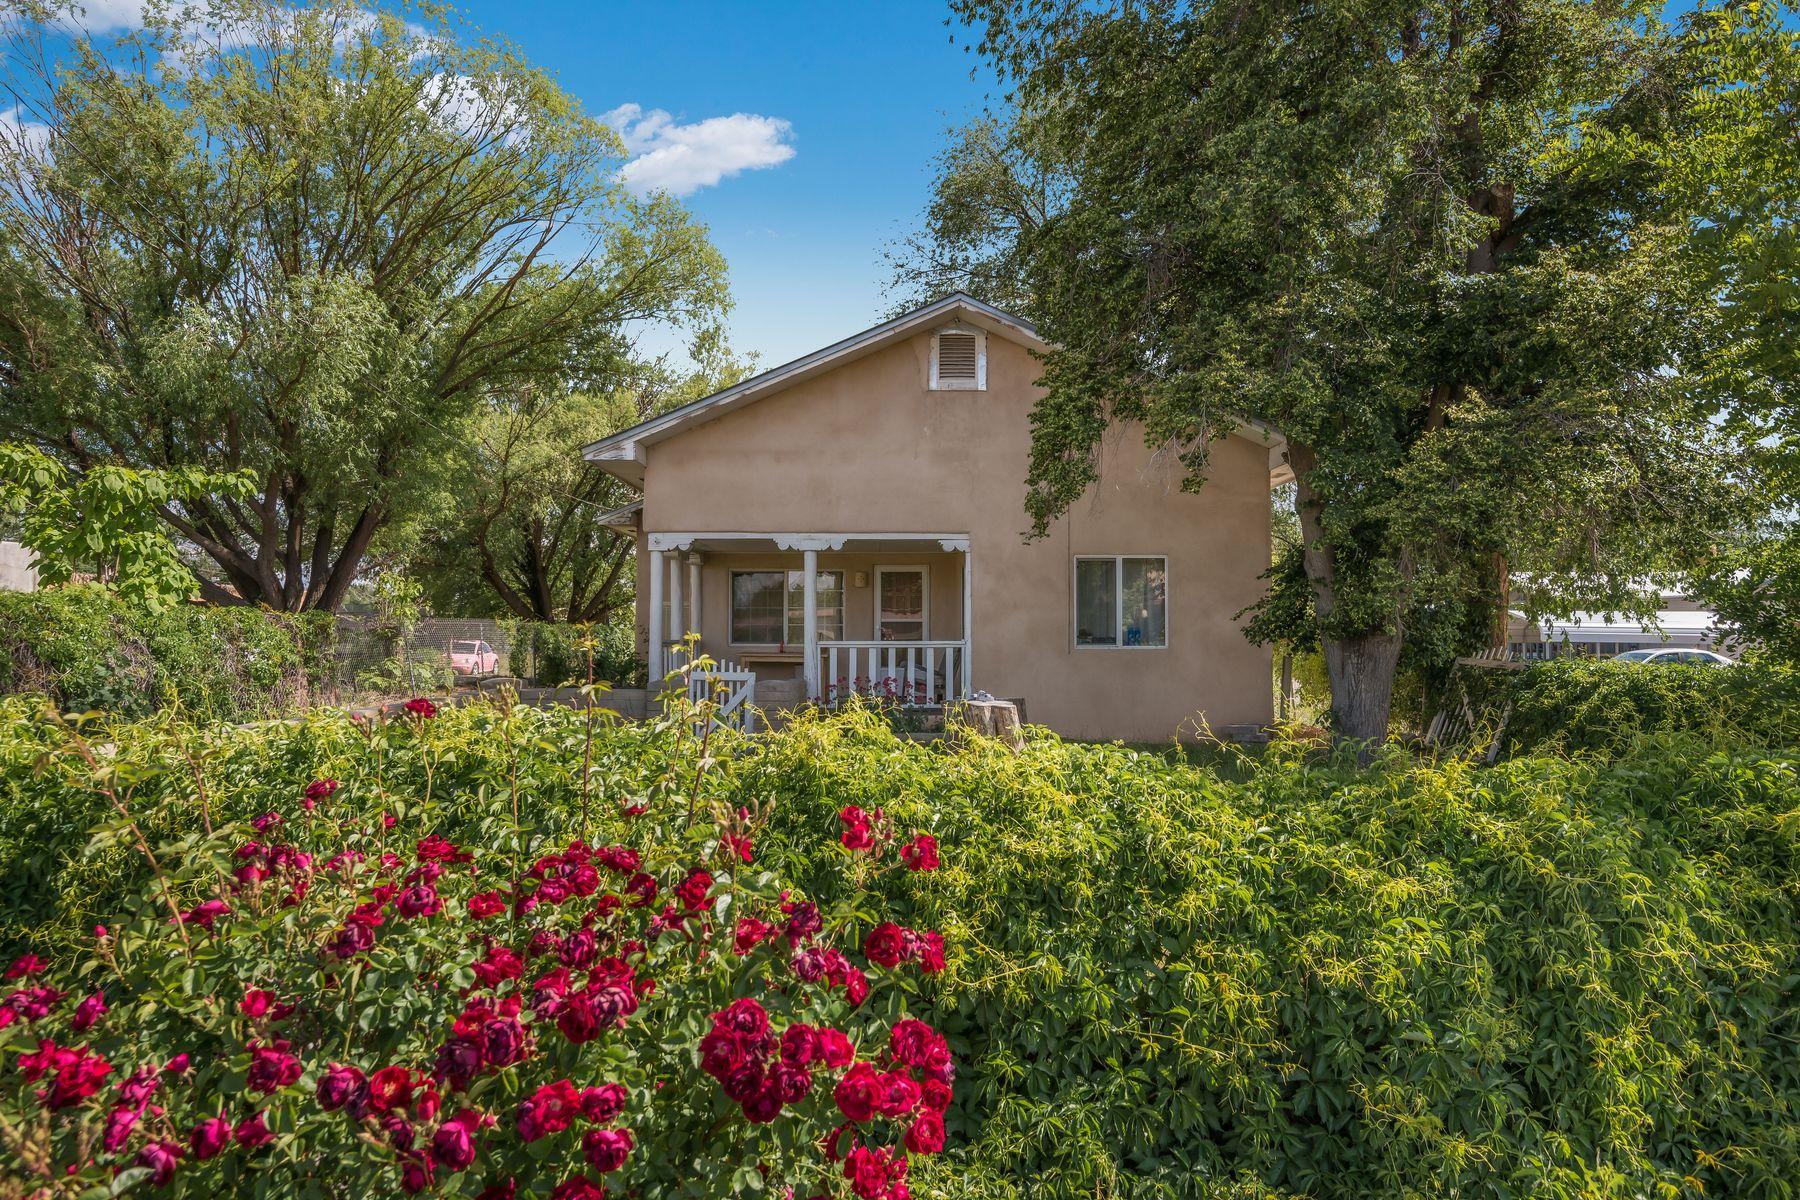 Single Family Homes pour l Vente à 438 W. Pueblo 434 W. Pueblos St, Espanola, Nouveau-Mexique 87532 États-Unis